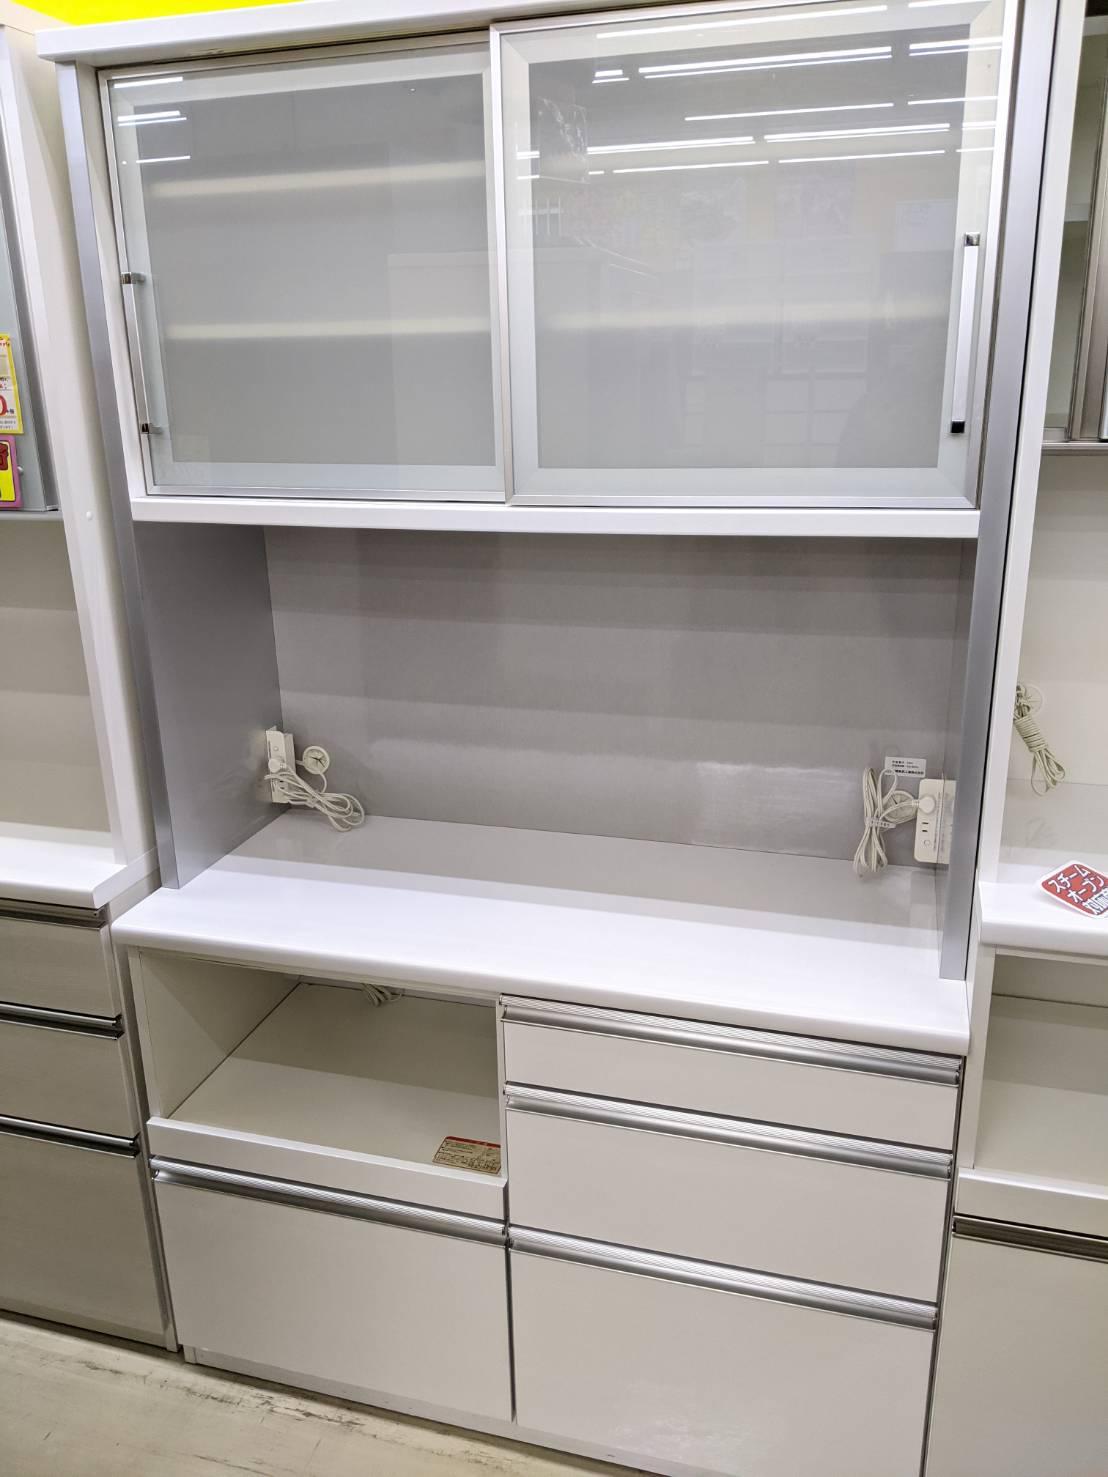 【松田家具 MK MATSUDA エムケーマツダ レンジボード キッチンボード 食器棚 】をお買取り致しました☆の買取-